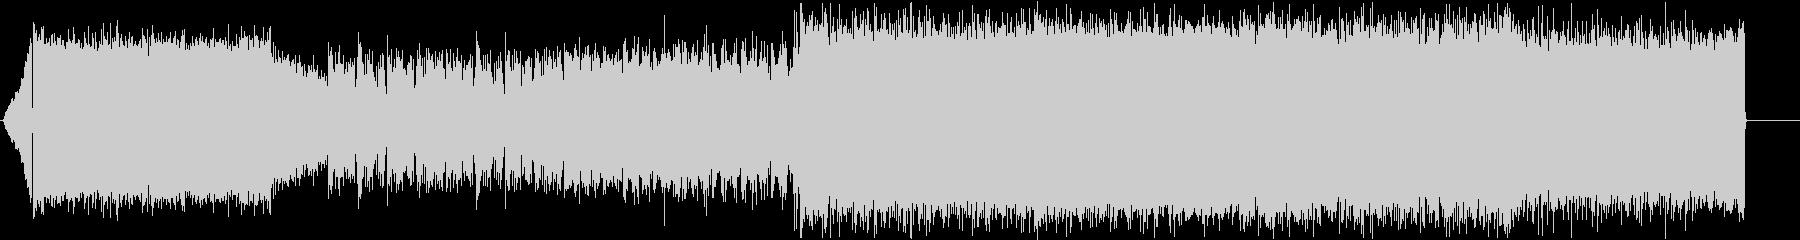 ソロが印象的な緊張感漂うロック ver2の未再生の波形